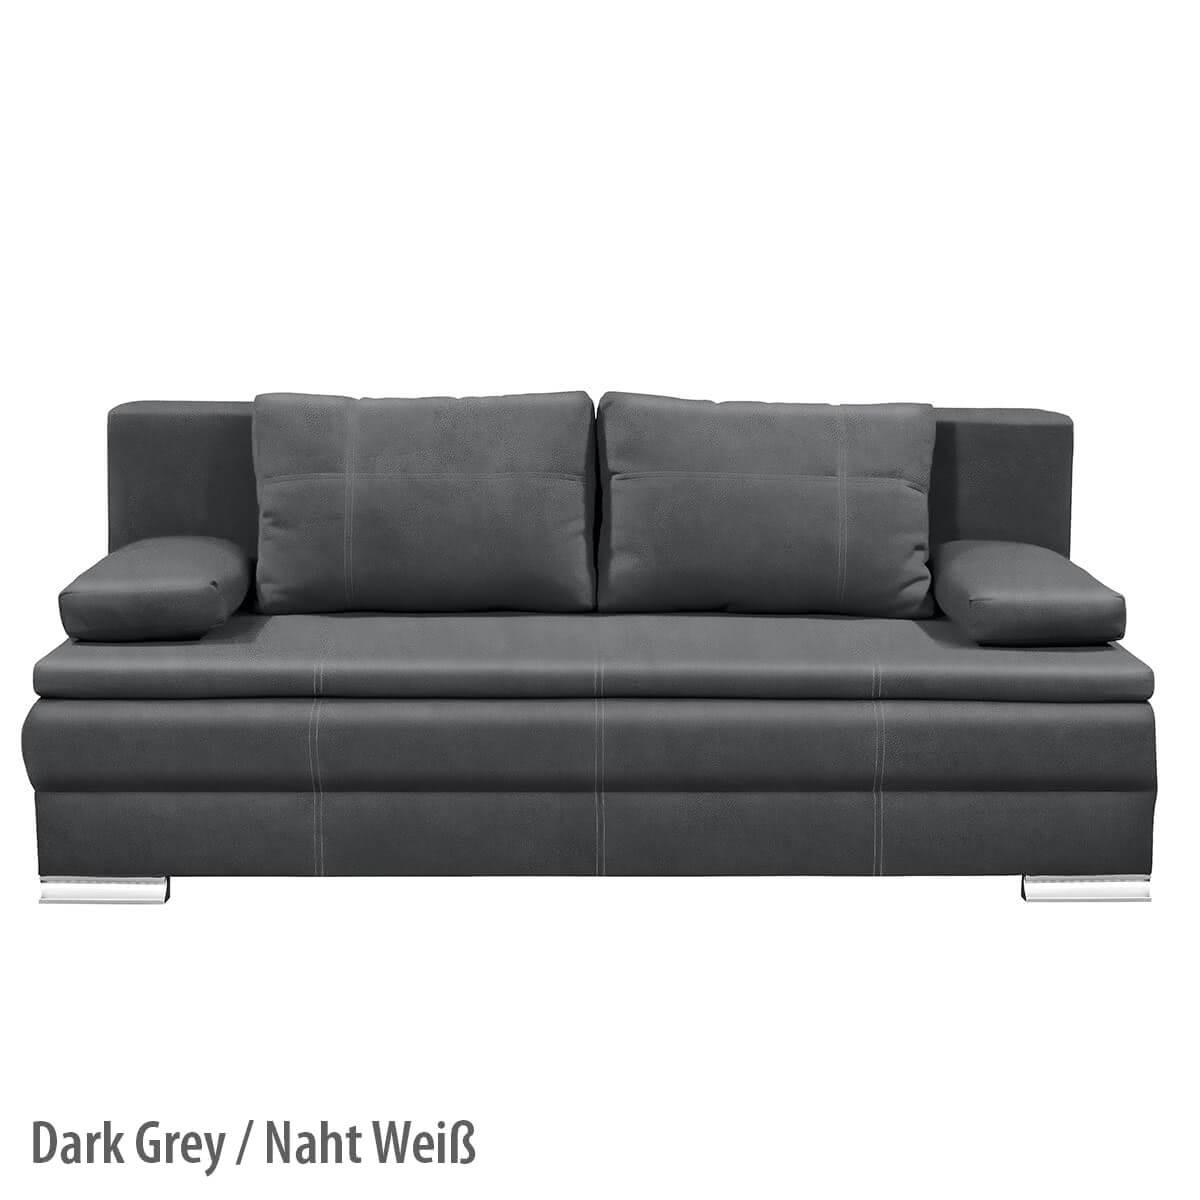 Lövgren Soft Schlafsofa Ansicht Dark Grey/Weiß Beschriftet